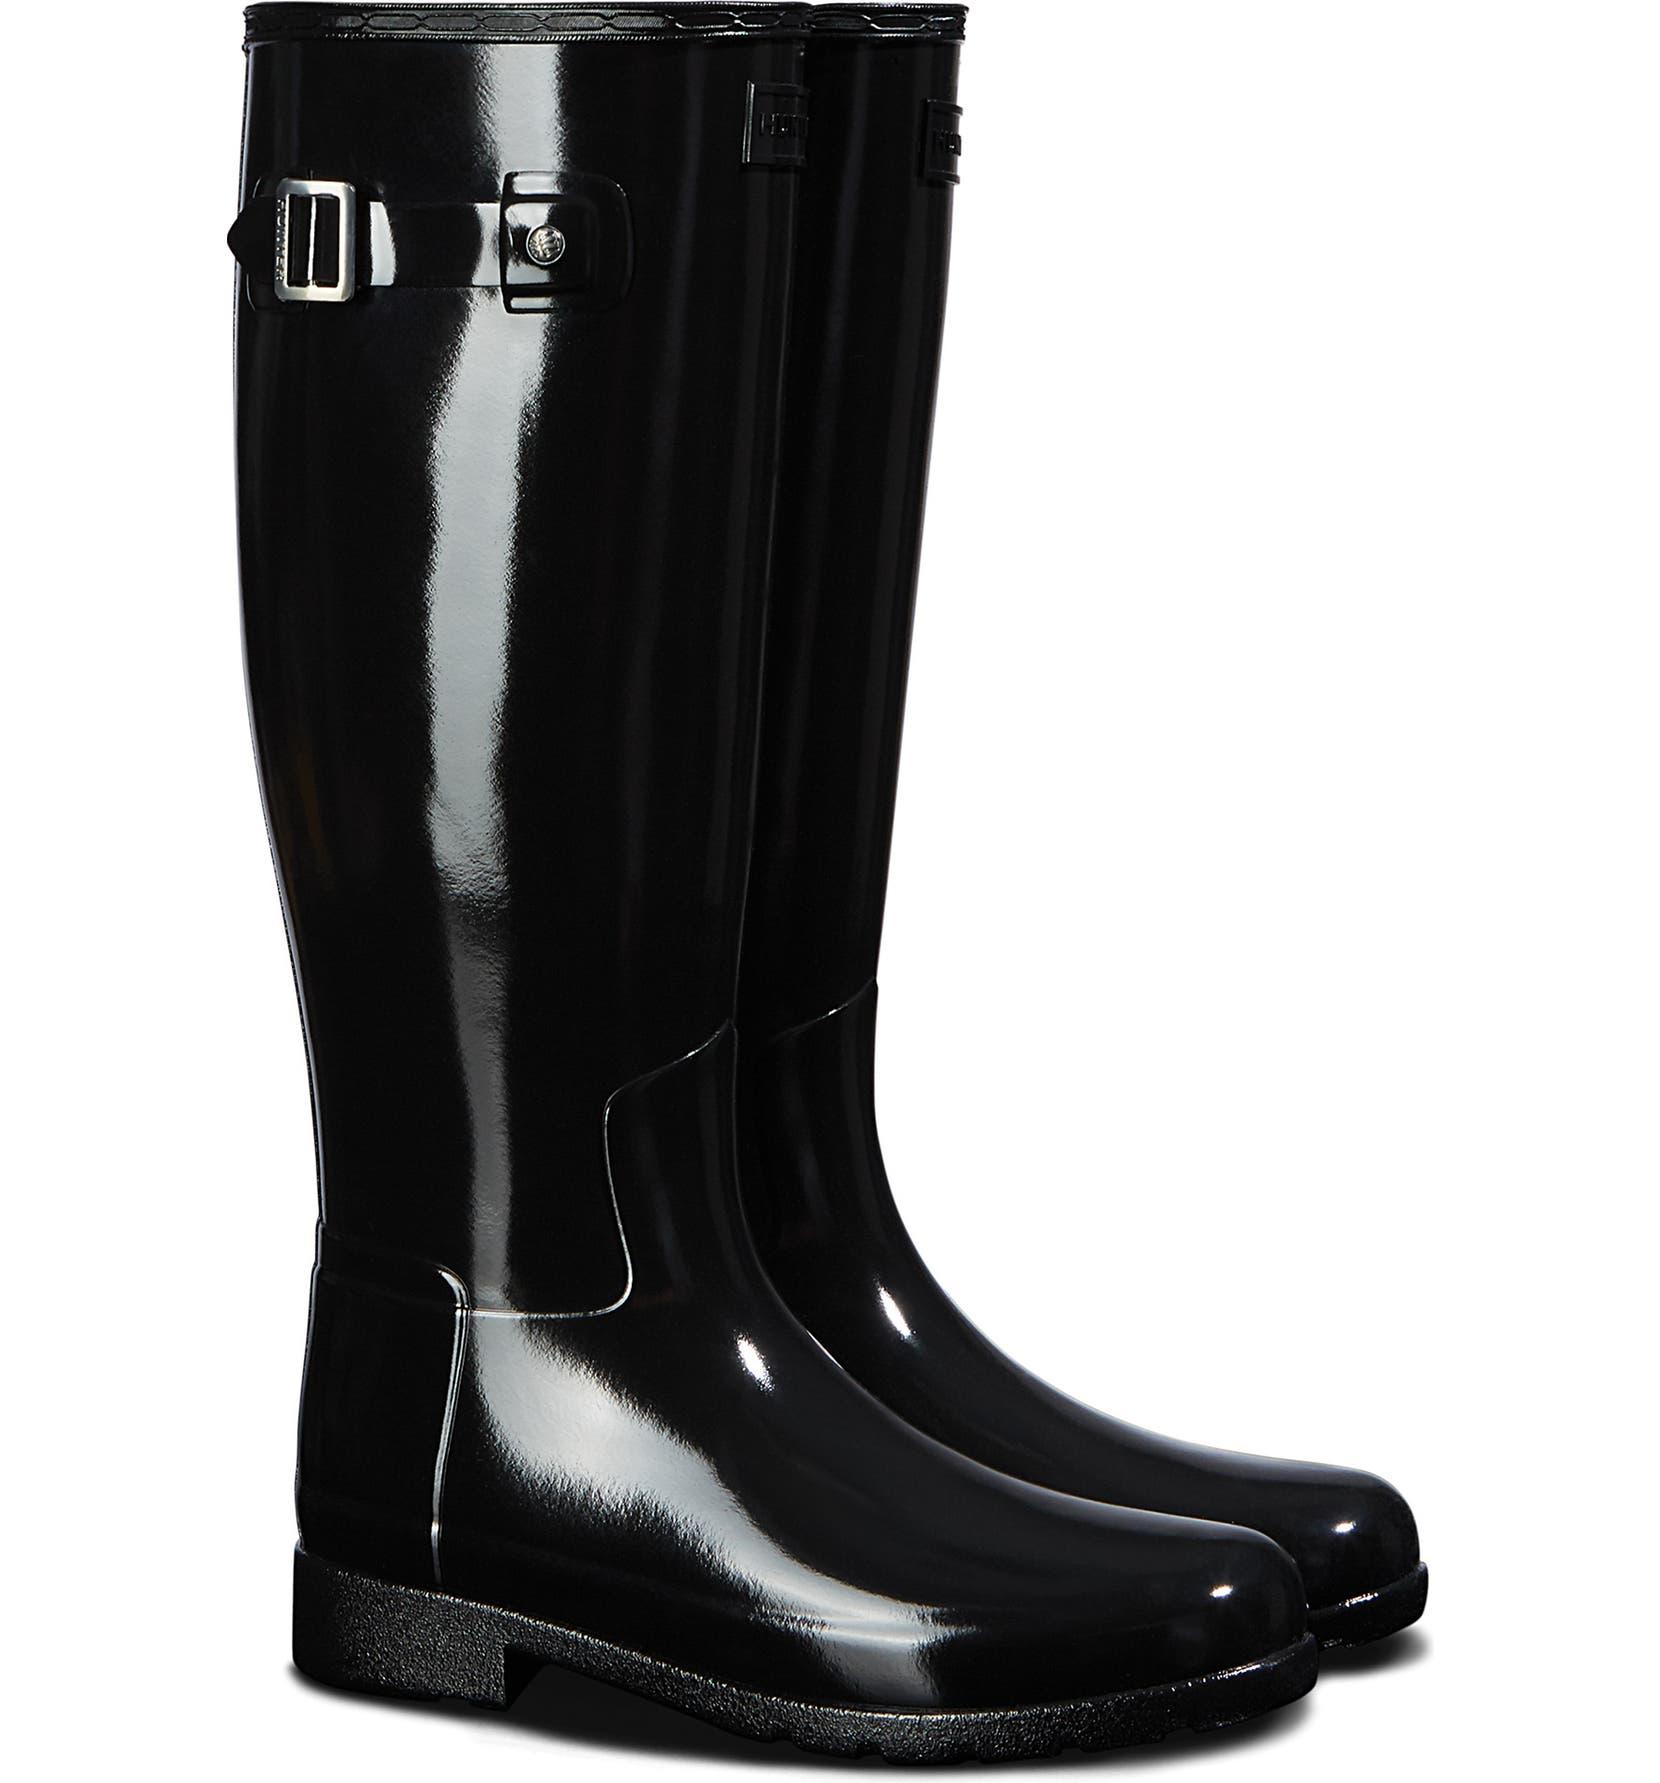 cf7abd614d4 Original Refined Gloss Tall Waterproof Rain Boot